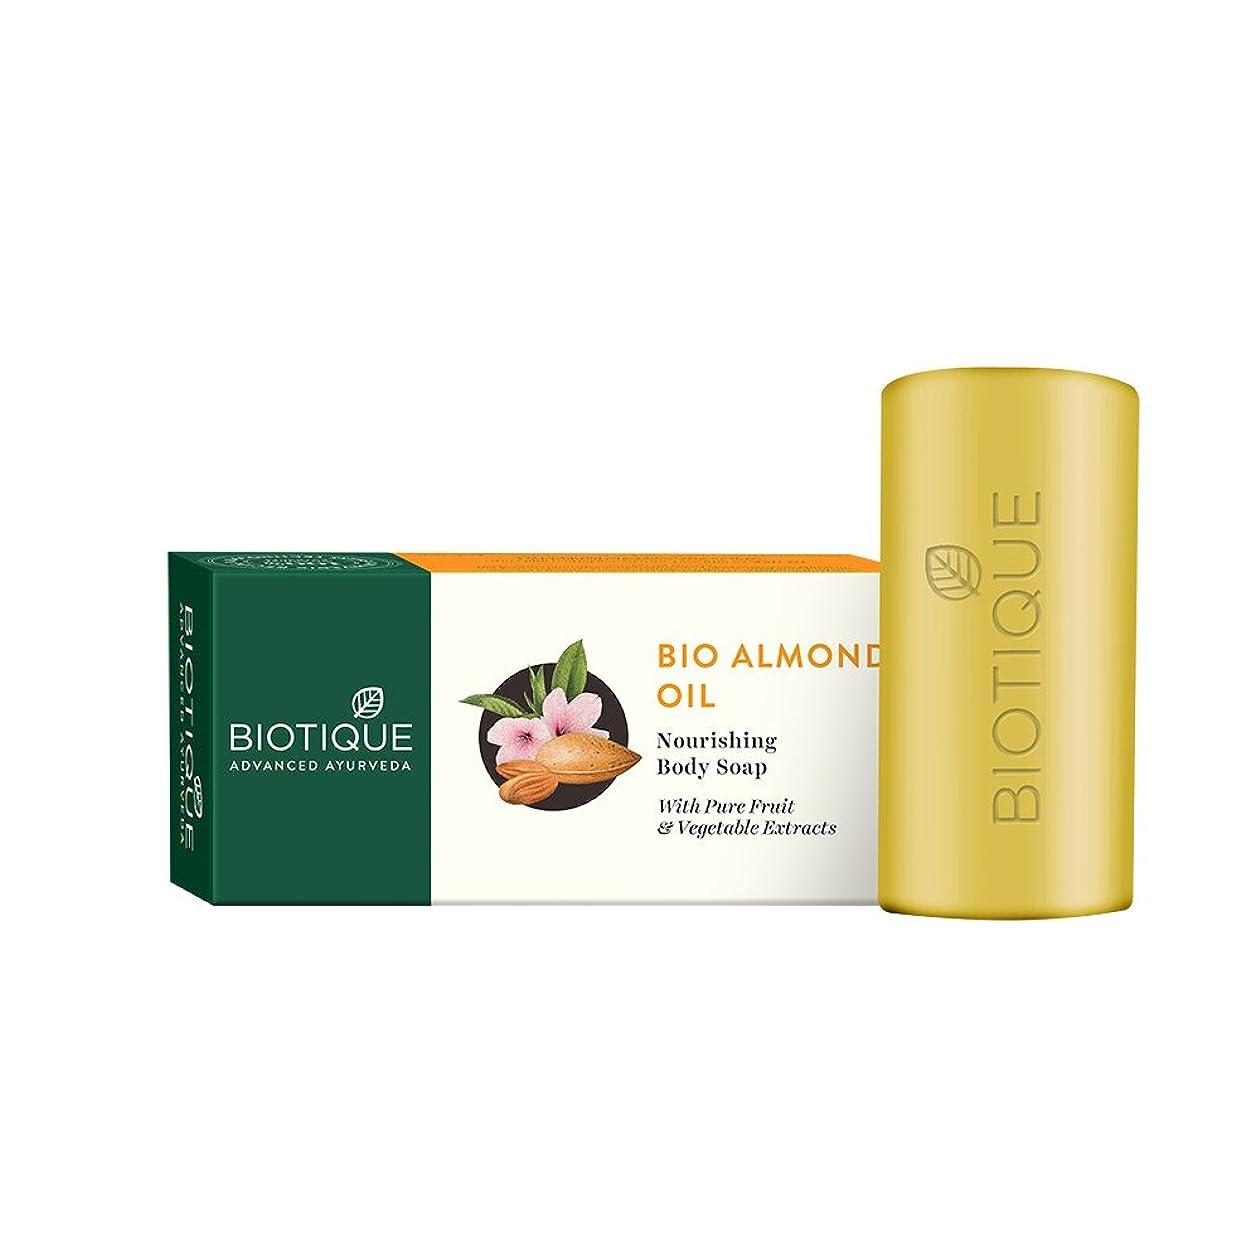 露出度の高い救急車半導体Biotique Pure Vegetable Cleanser - Almond Oil Soap 150g